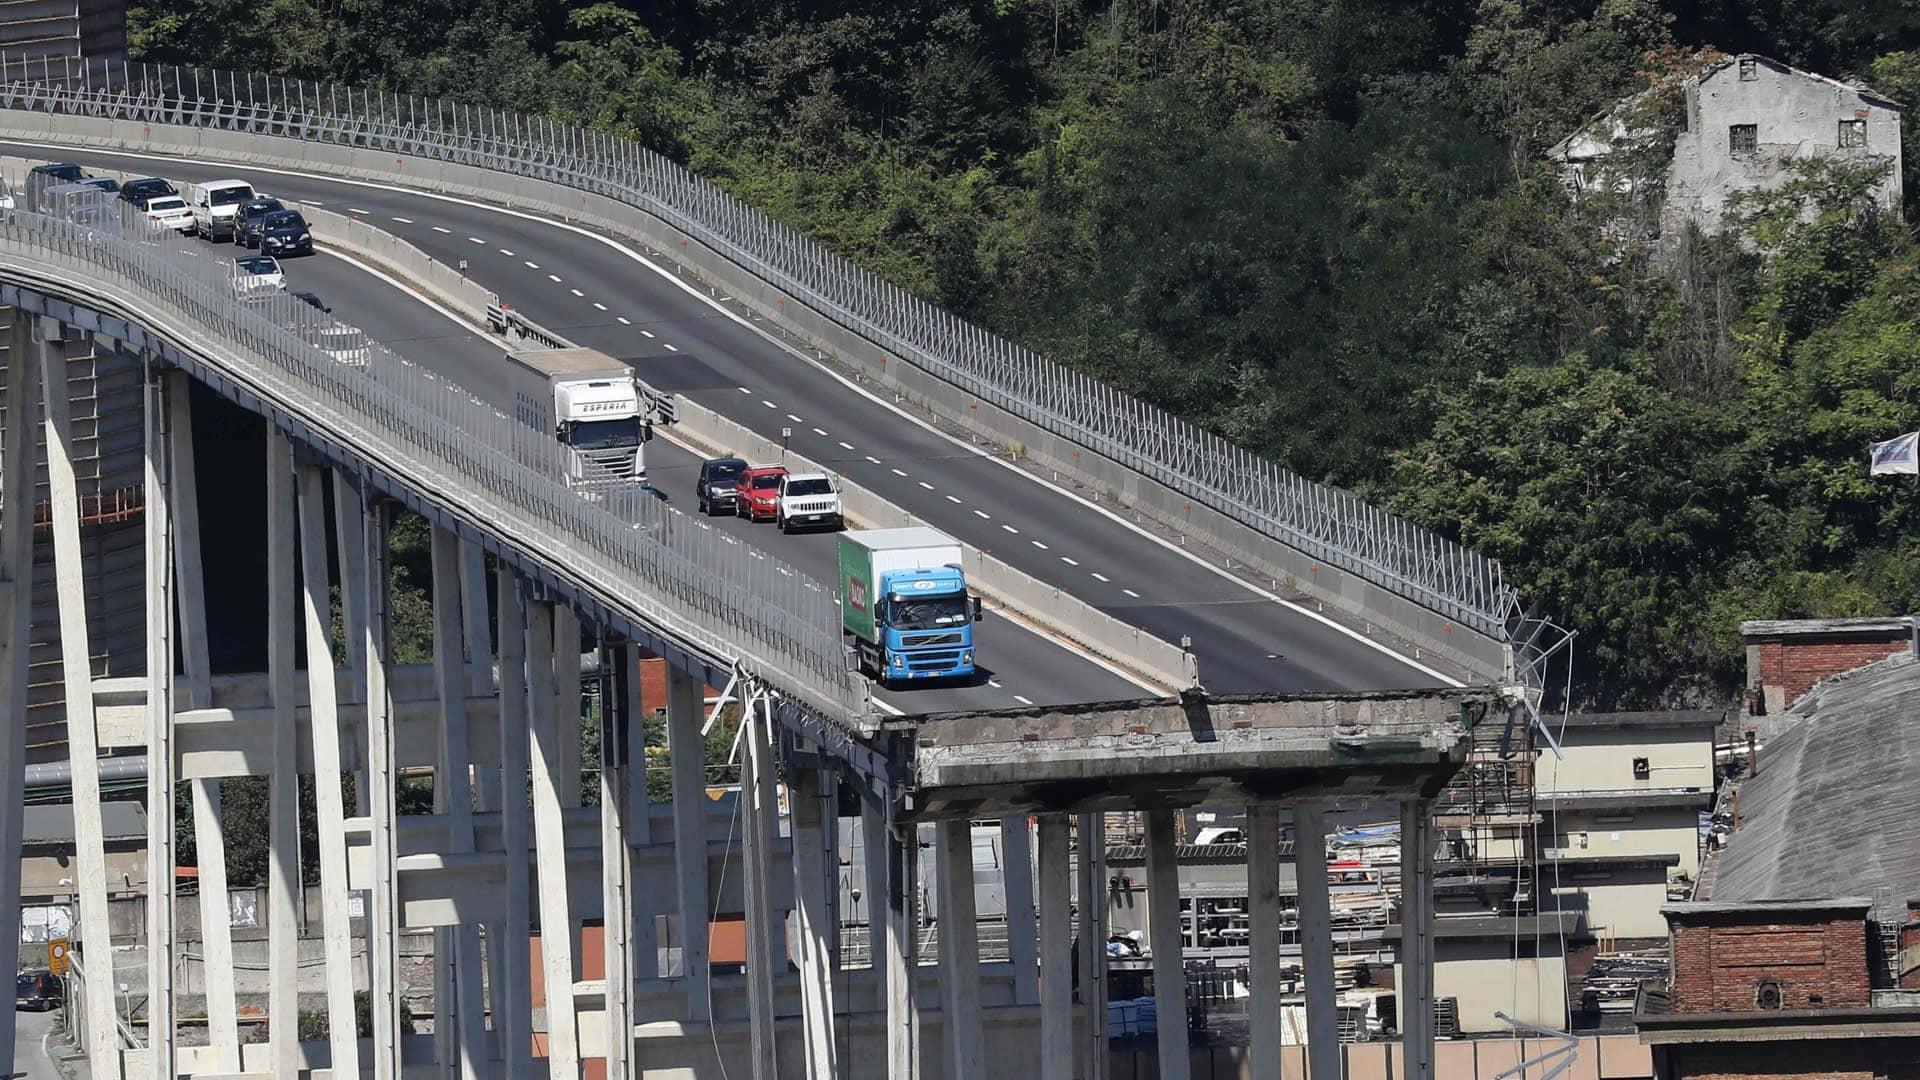 Hylättyjä ajoneuvoja Morandin sillalla Genovassa siltaturman jälkeen.